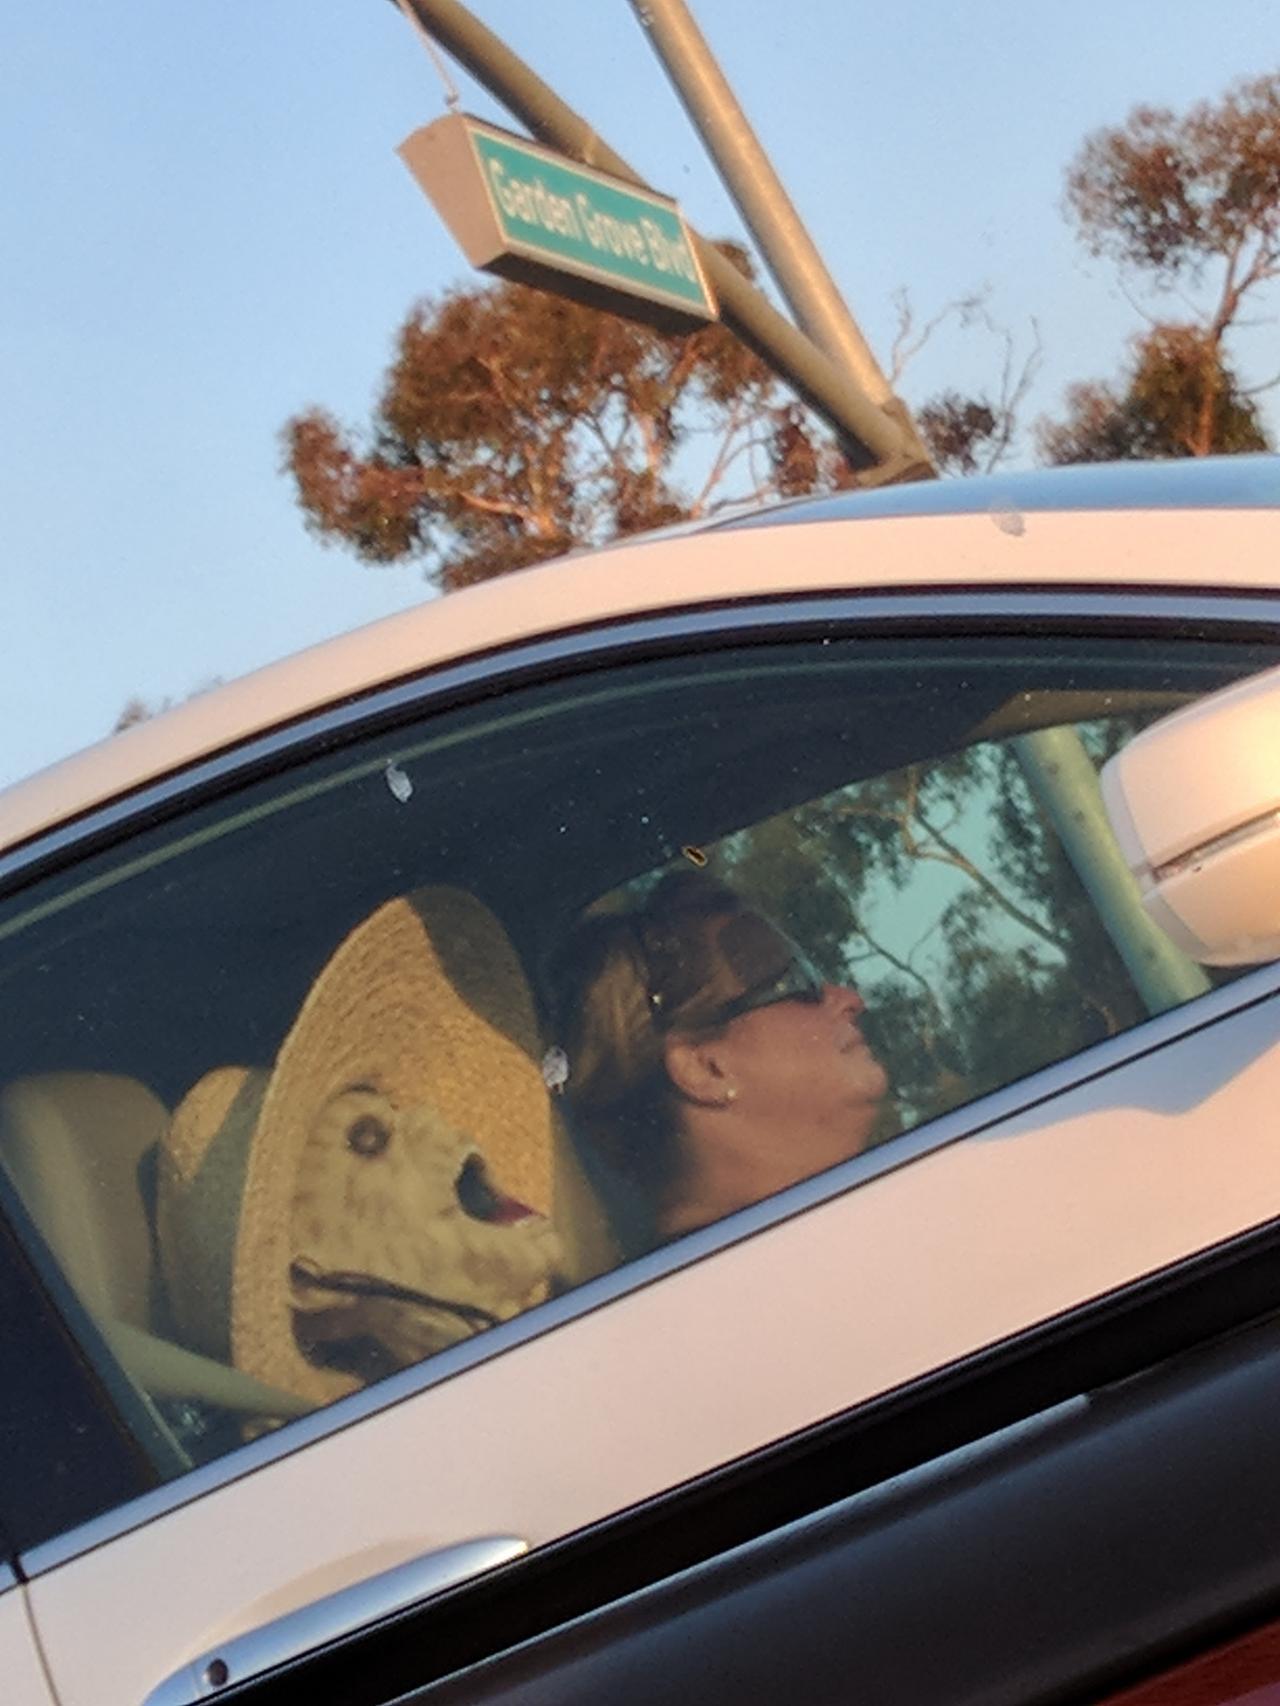 【恐怖】渋滞中に横に止まった車を見たら・・・声上げない自信ある???(画像)・1枚目